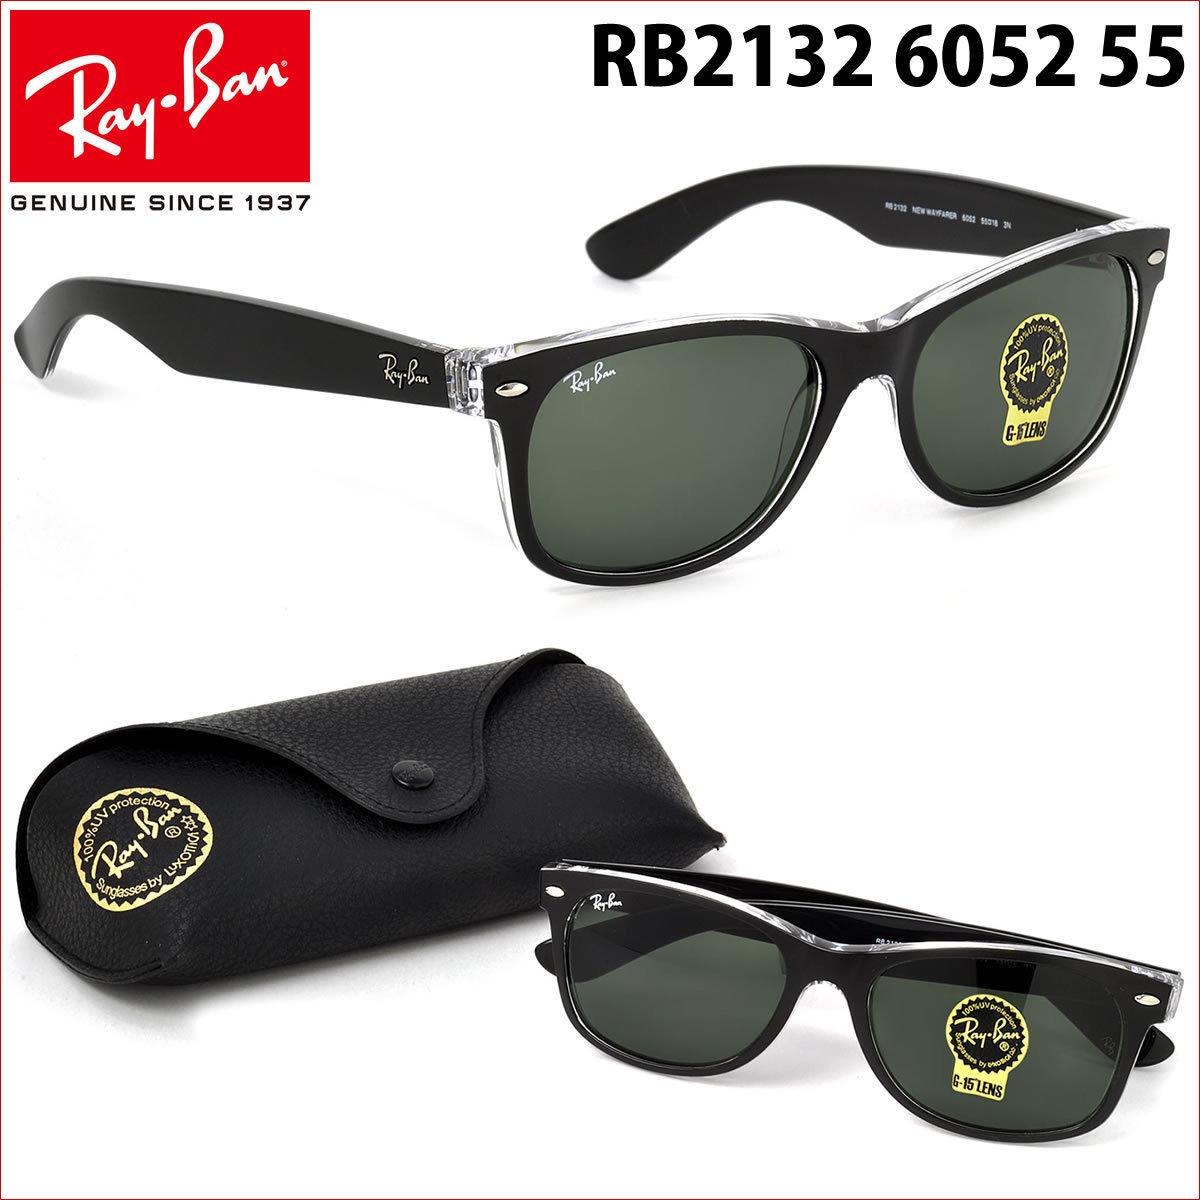 N70 Kids//Girls Lovely Round Plastic Sunglasses